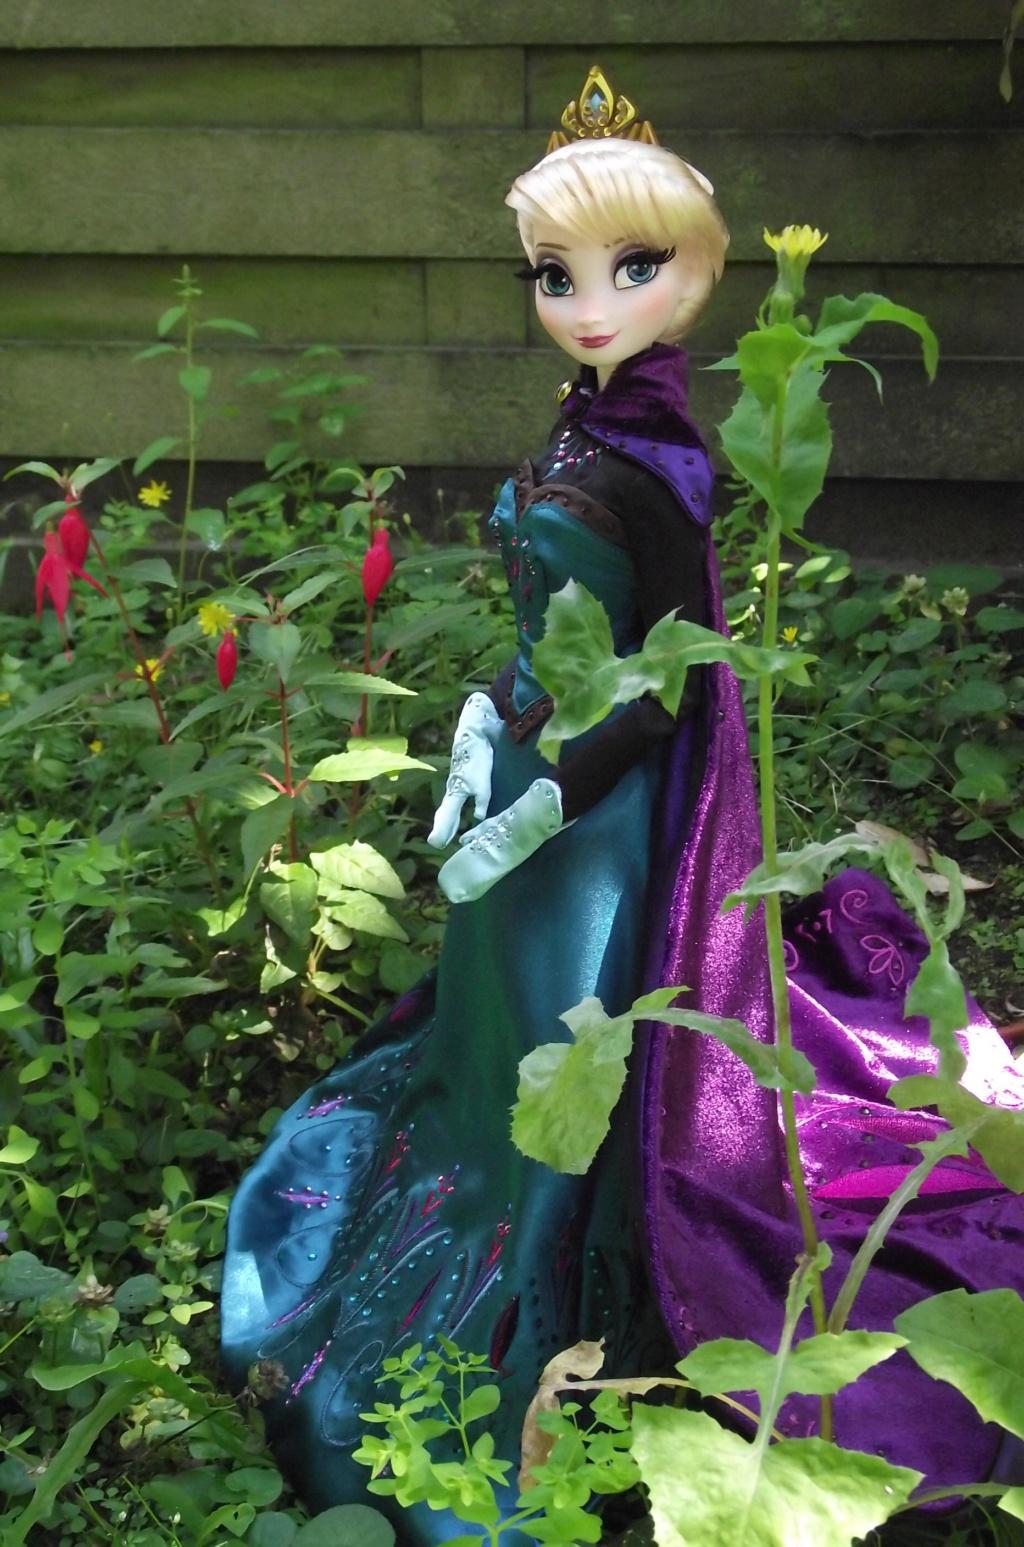 Nos poupées LE en photo : Pour le plaisir de partager - Page 29 Dscf4028